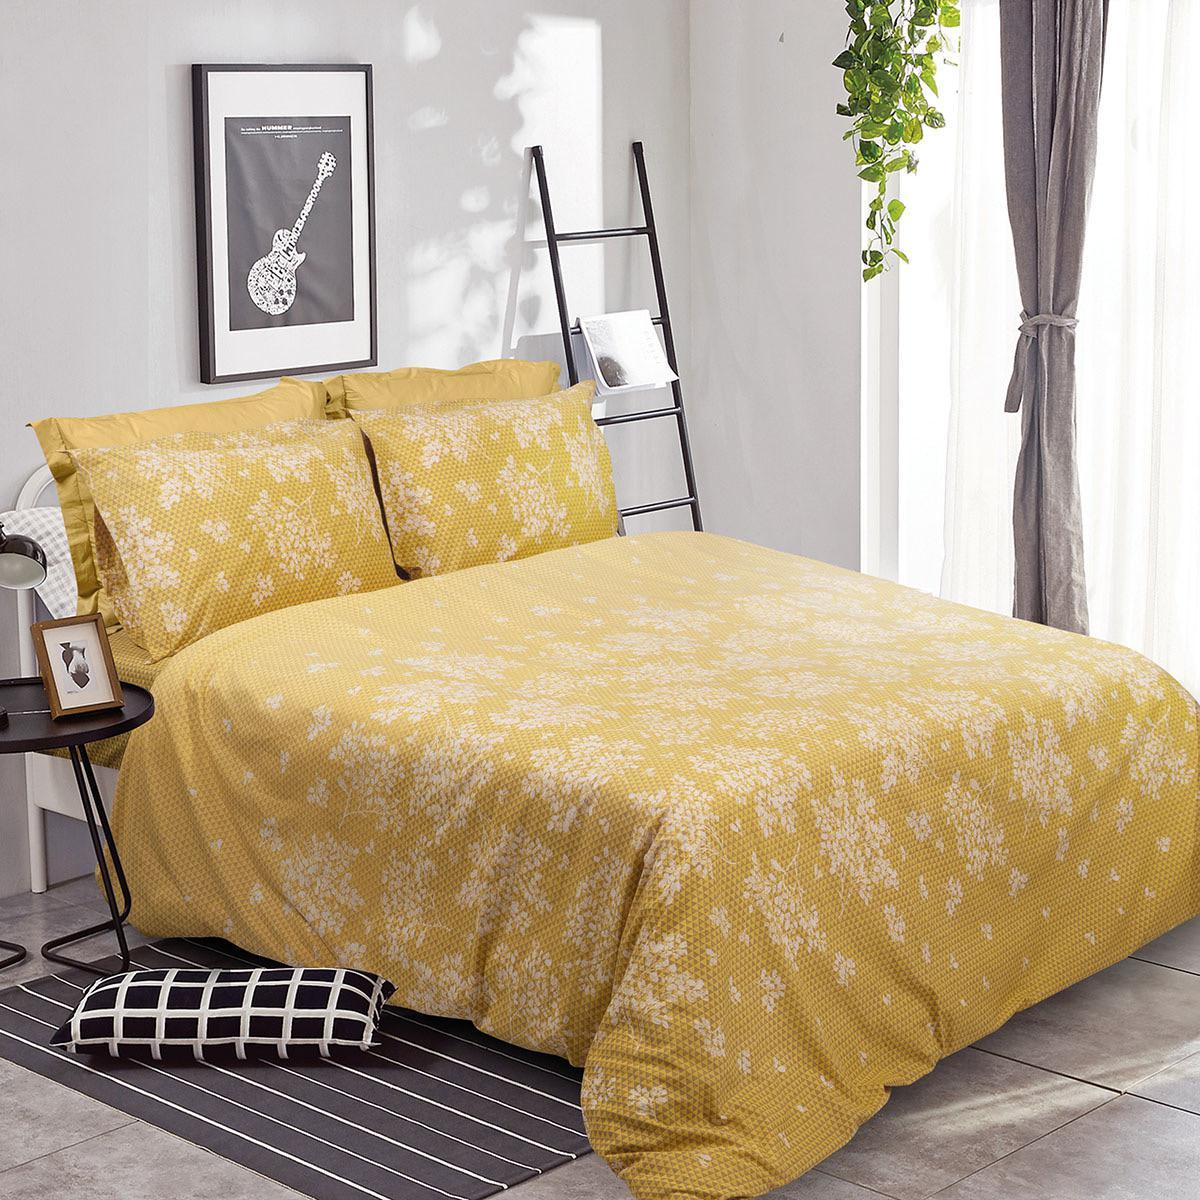 Σετ παπλωματοθήκη υπέρδιπλη Scarlet Art 1980 225×240 Κίτρινο Beauty Home